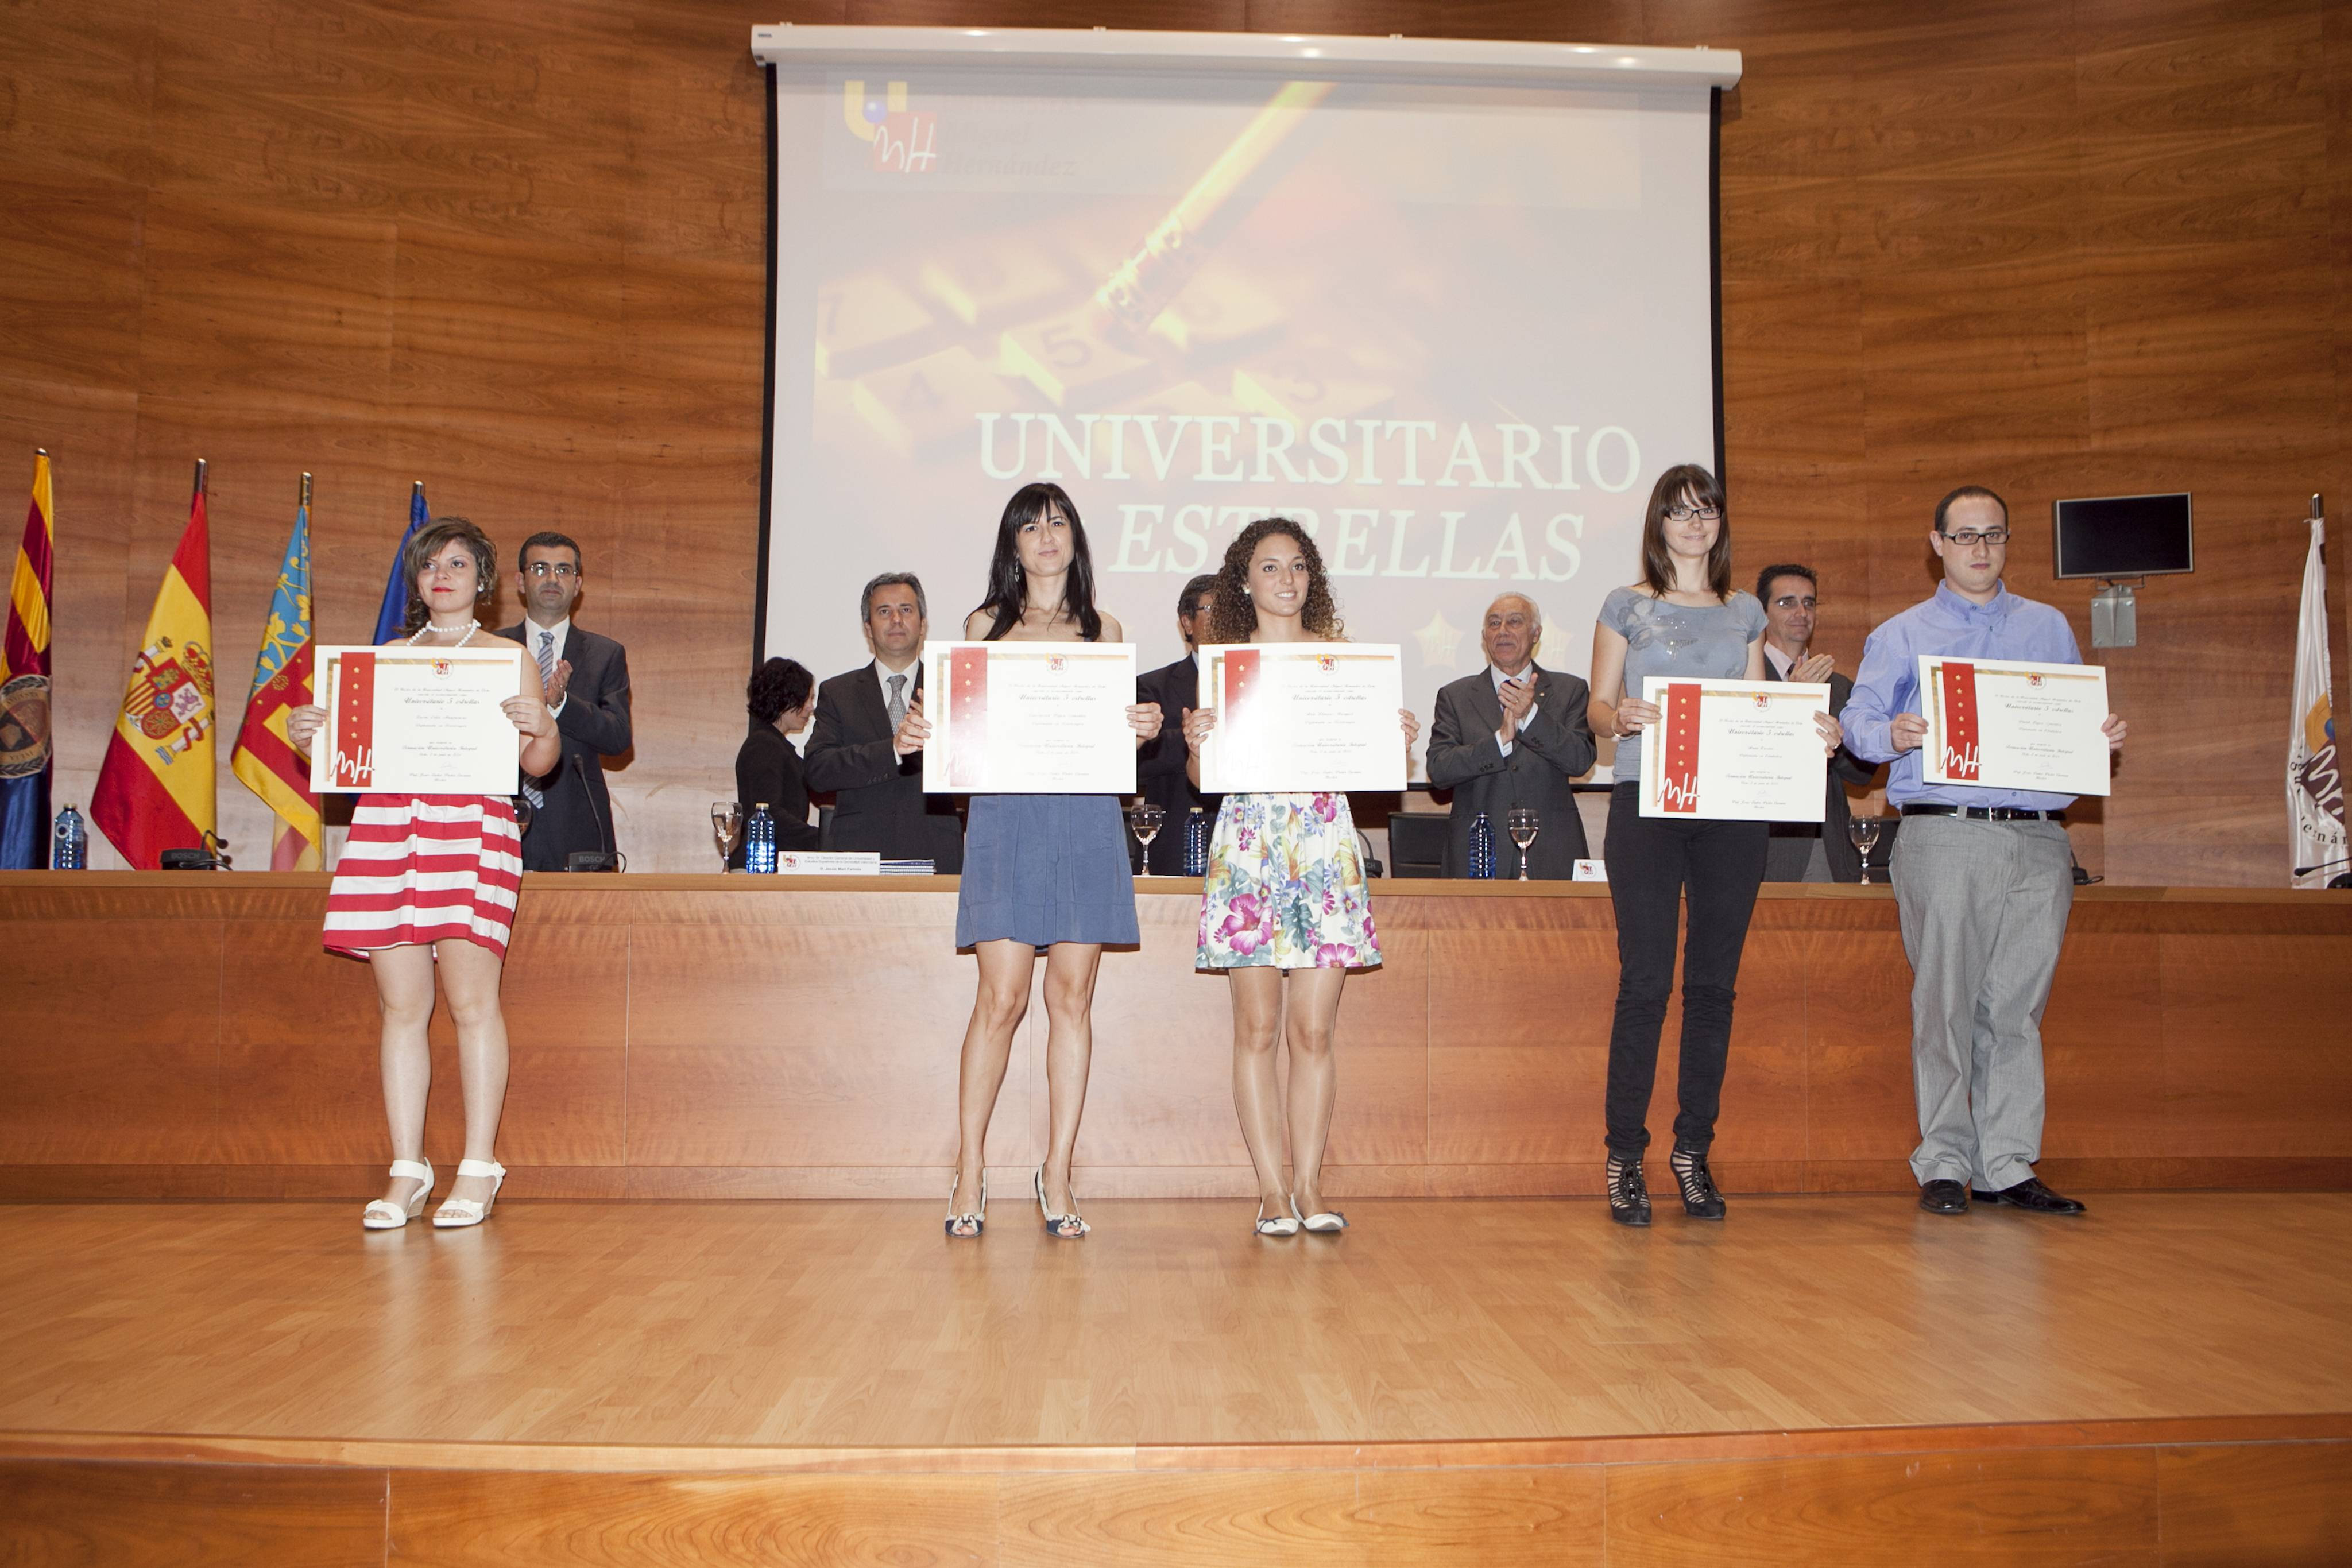 premios-5-estrellas_mg_0515.jpg